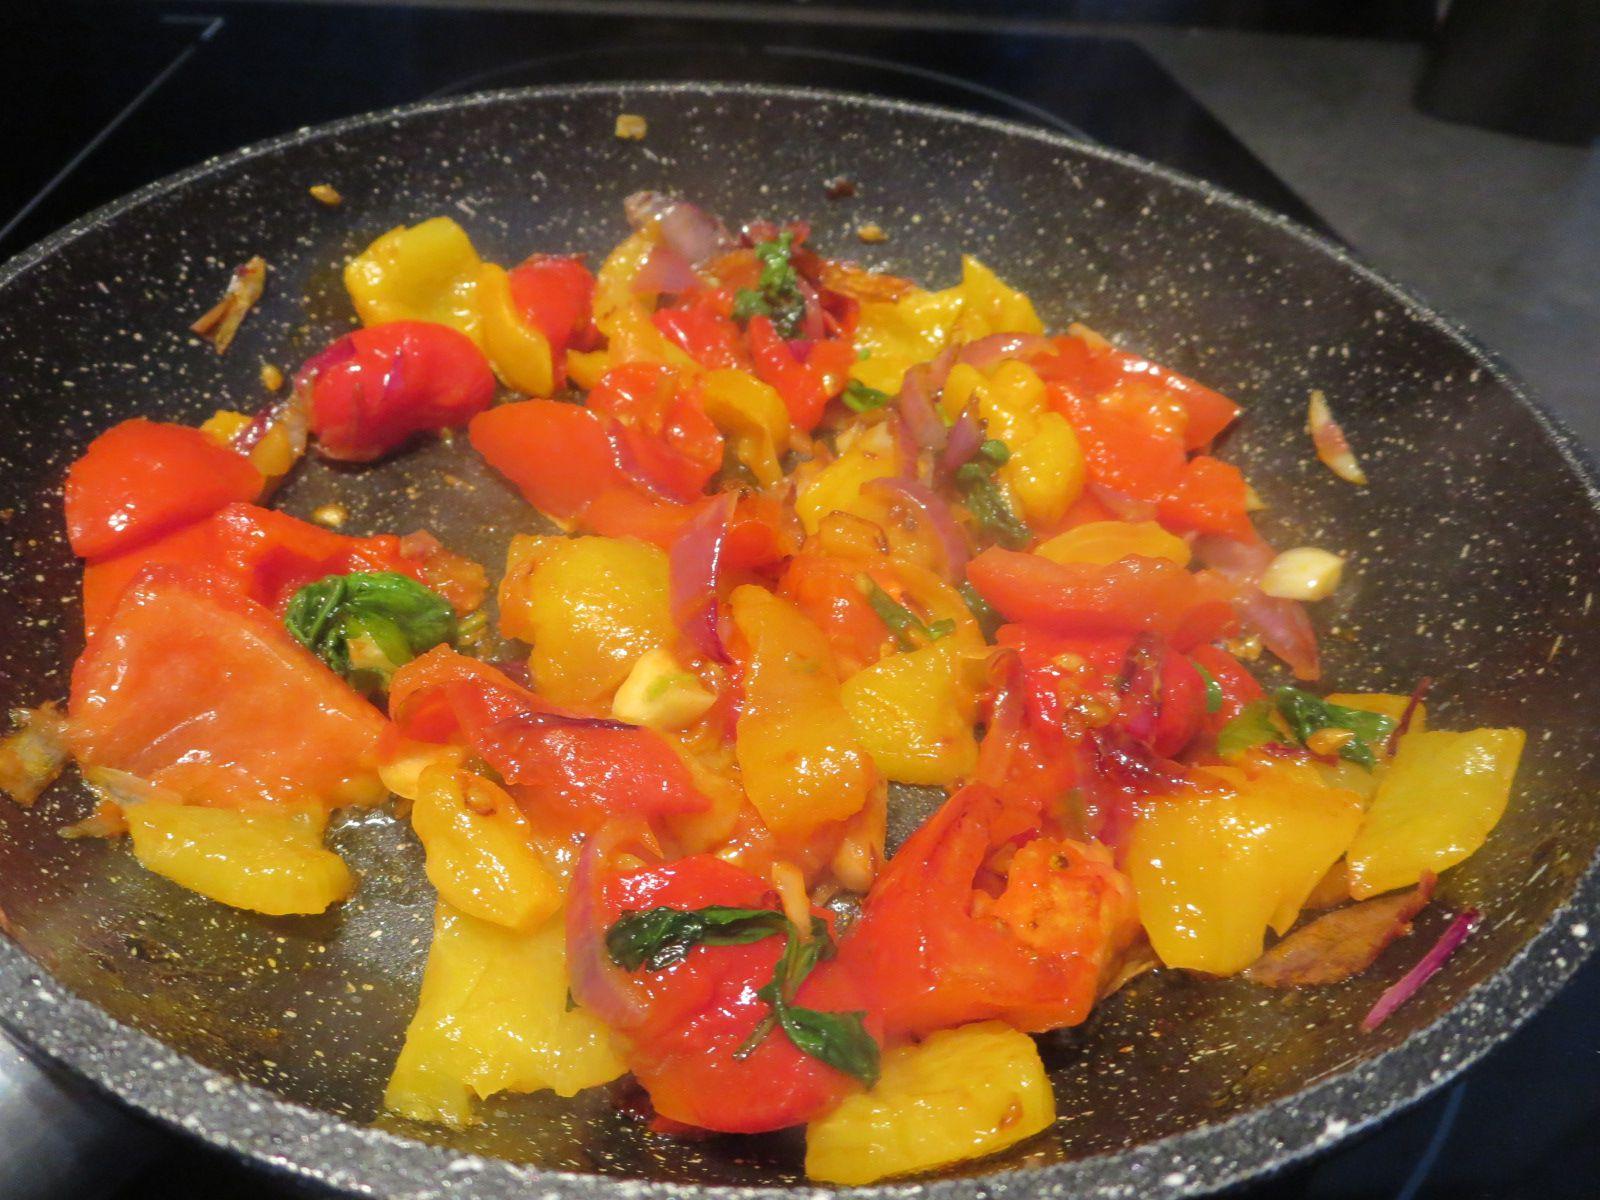 Un velouté original. qui sent l'Amérique du sud.  des poivrons de toutes les couleurs, de l'oignon, un peu de maïs en boite, et une petite patate douce orange. une bonne pincée d'épices Cajun